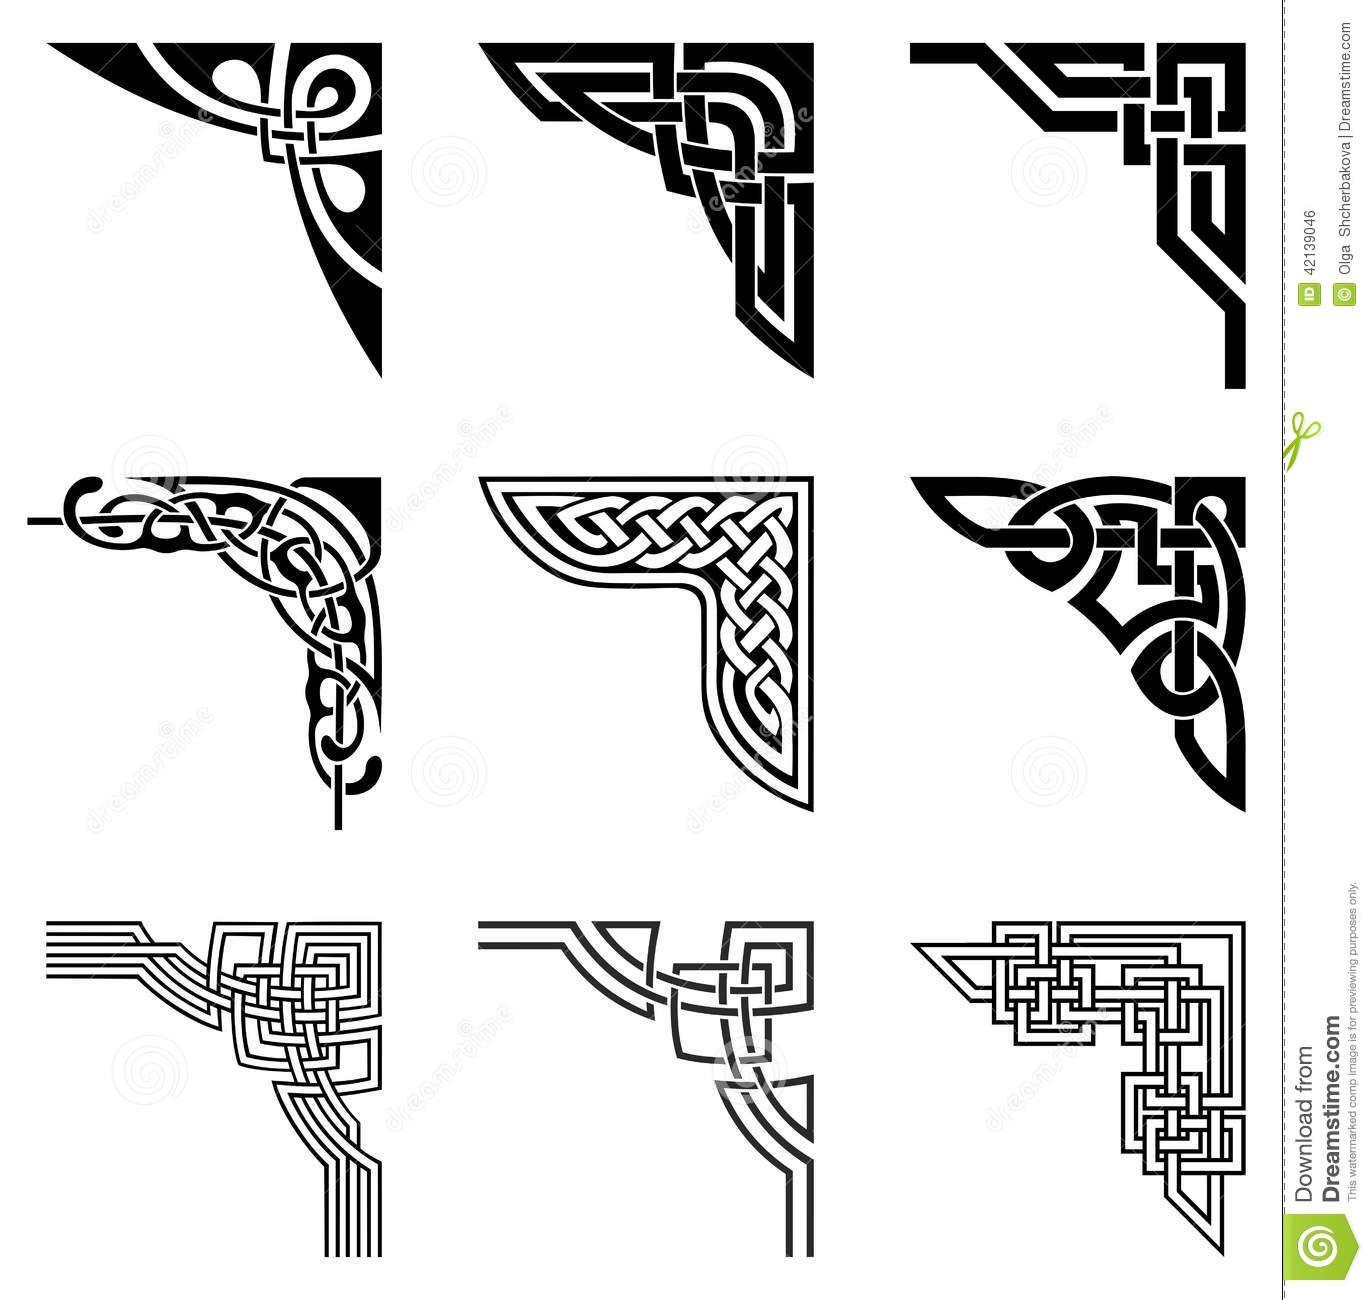 Celtic Corner Border Patterns Celtic corner border patterns | Celta ...